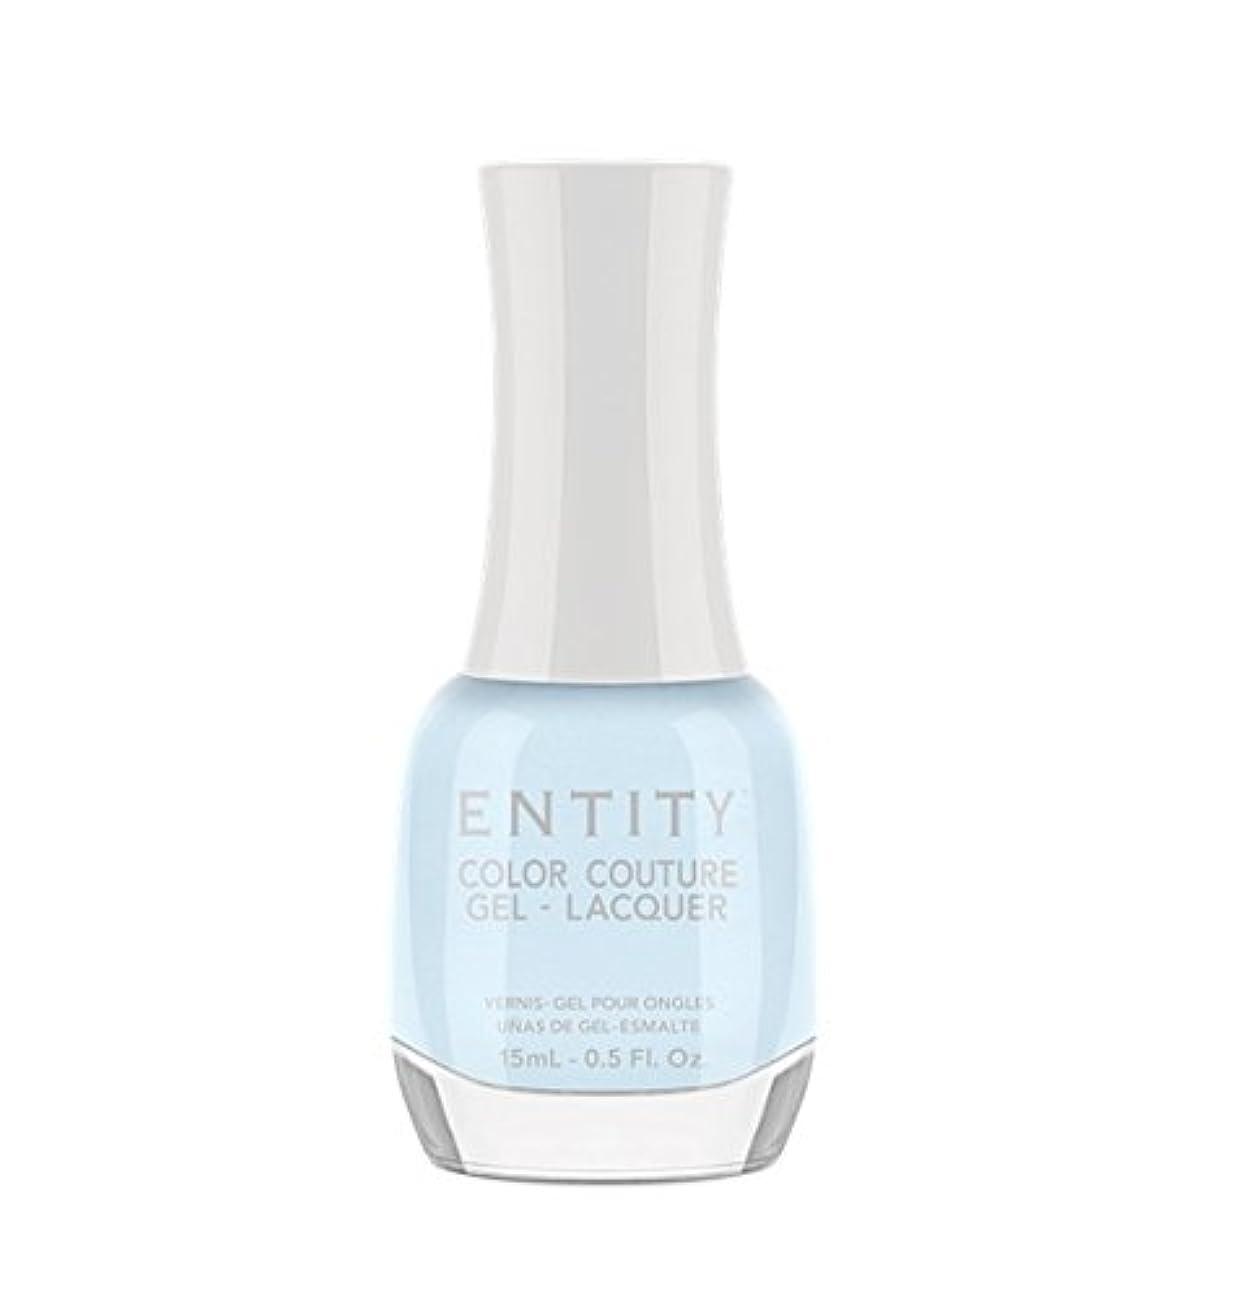 モンキーチャンピオン拷問Entity Color Couture Gel-Lacquer - Delicates - 15 ml/0.5 oz